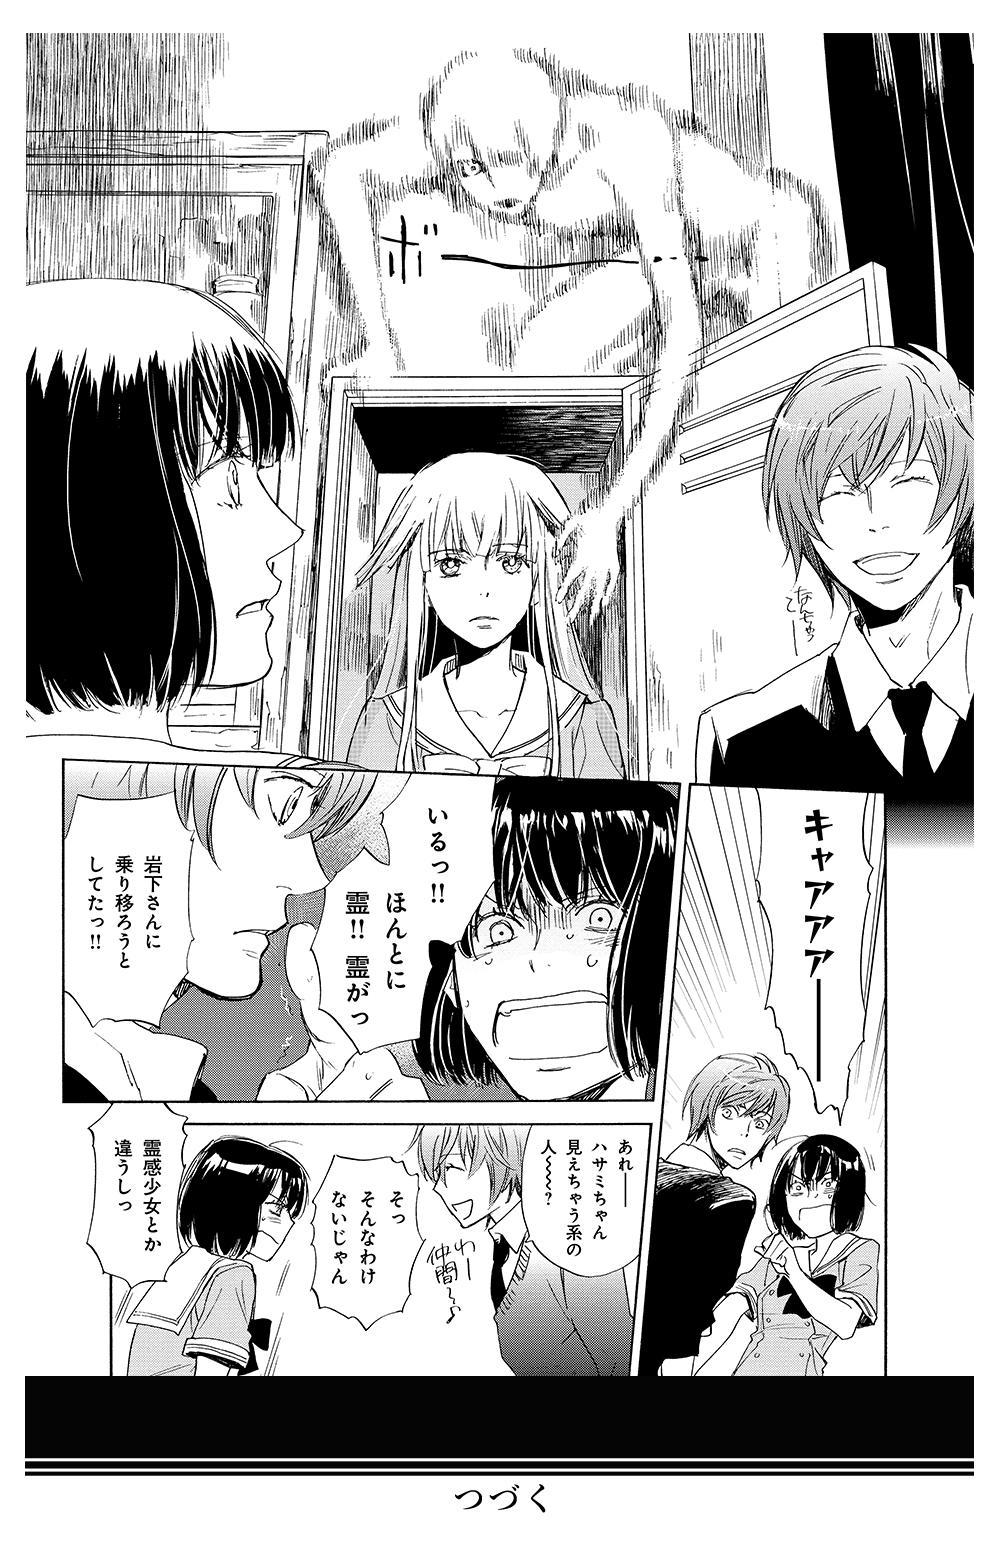 少女ゴーレムと理科室の変人たち 第2話①golem03-17.jpg